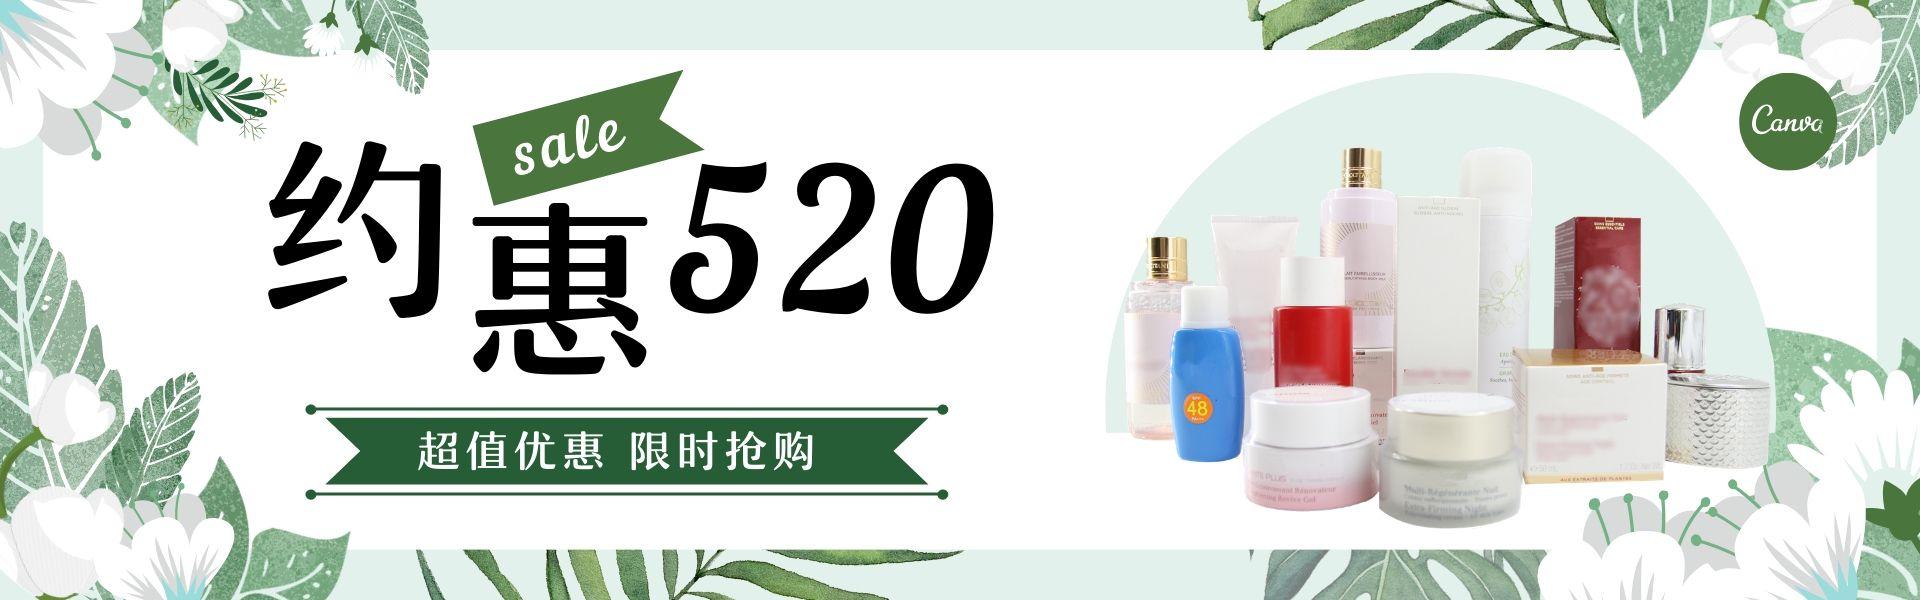 520电商banner